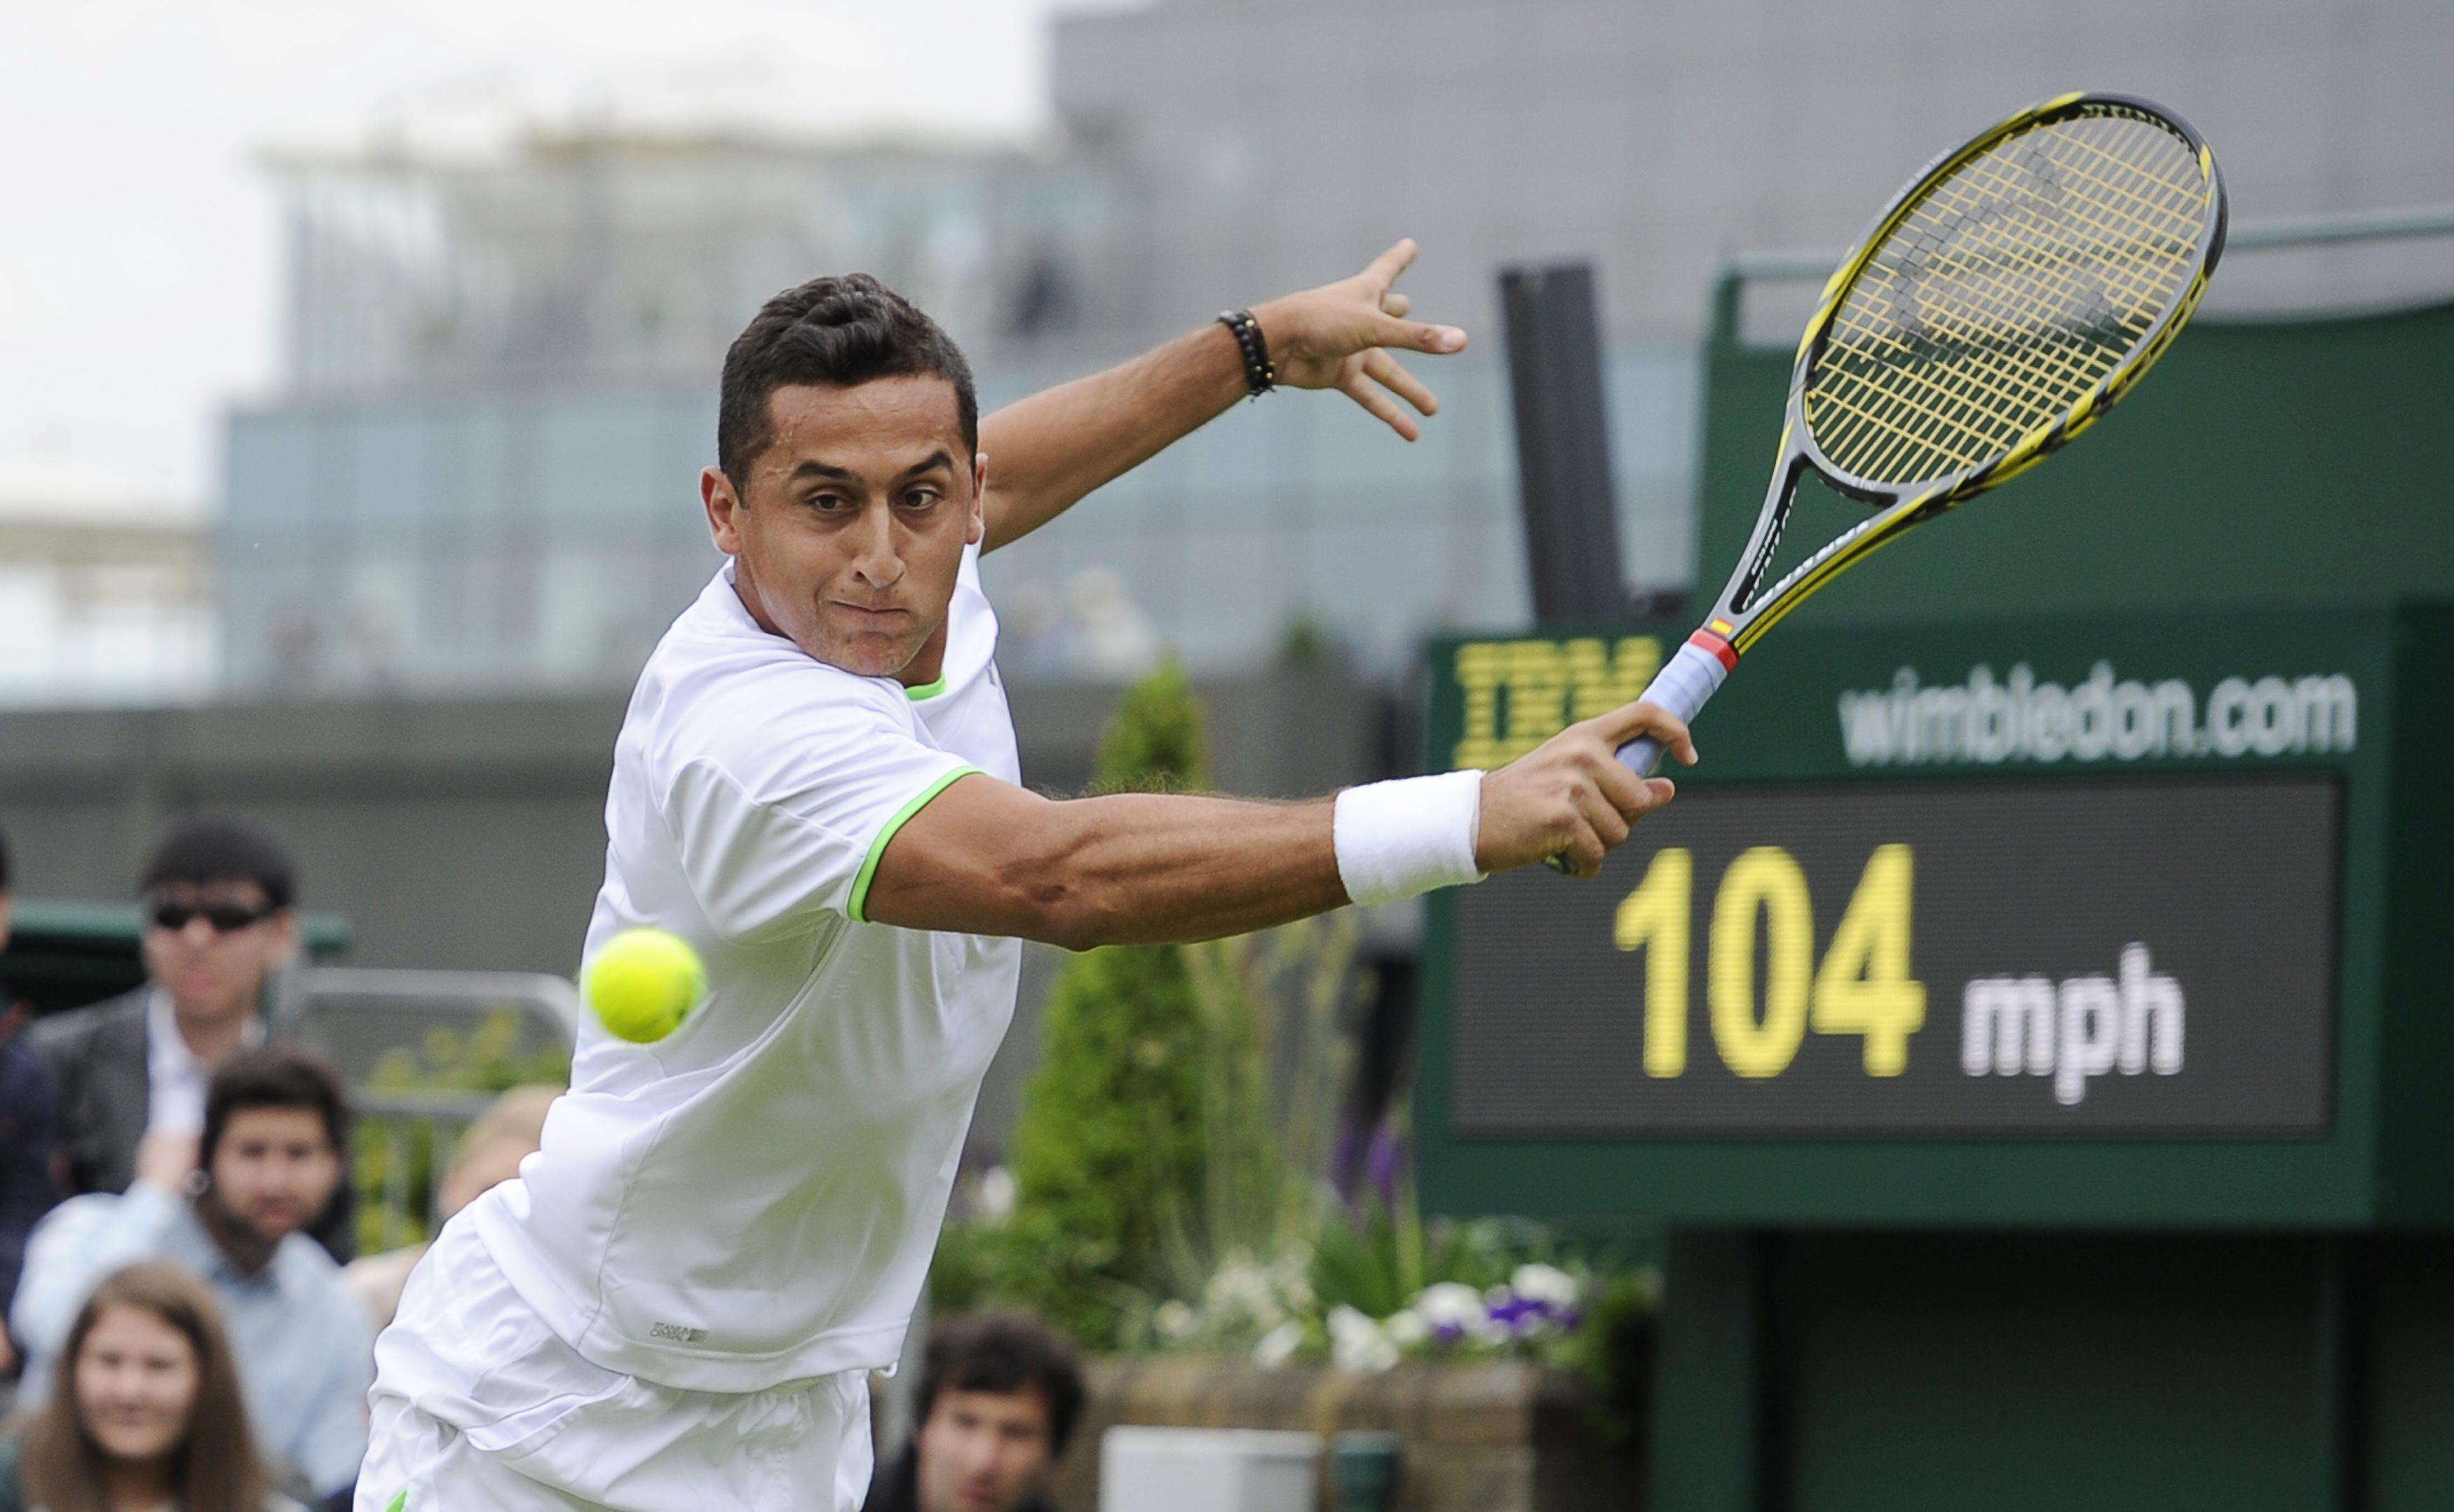 Almagro supera la primera ronda de Wimbledon al vencer a Zopp